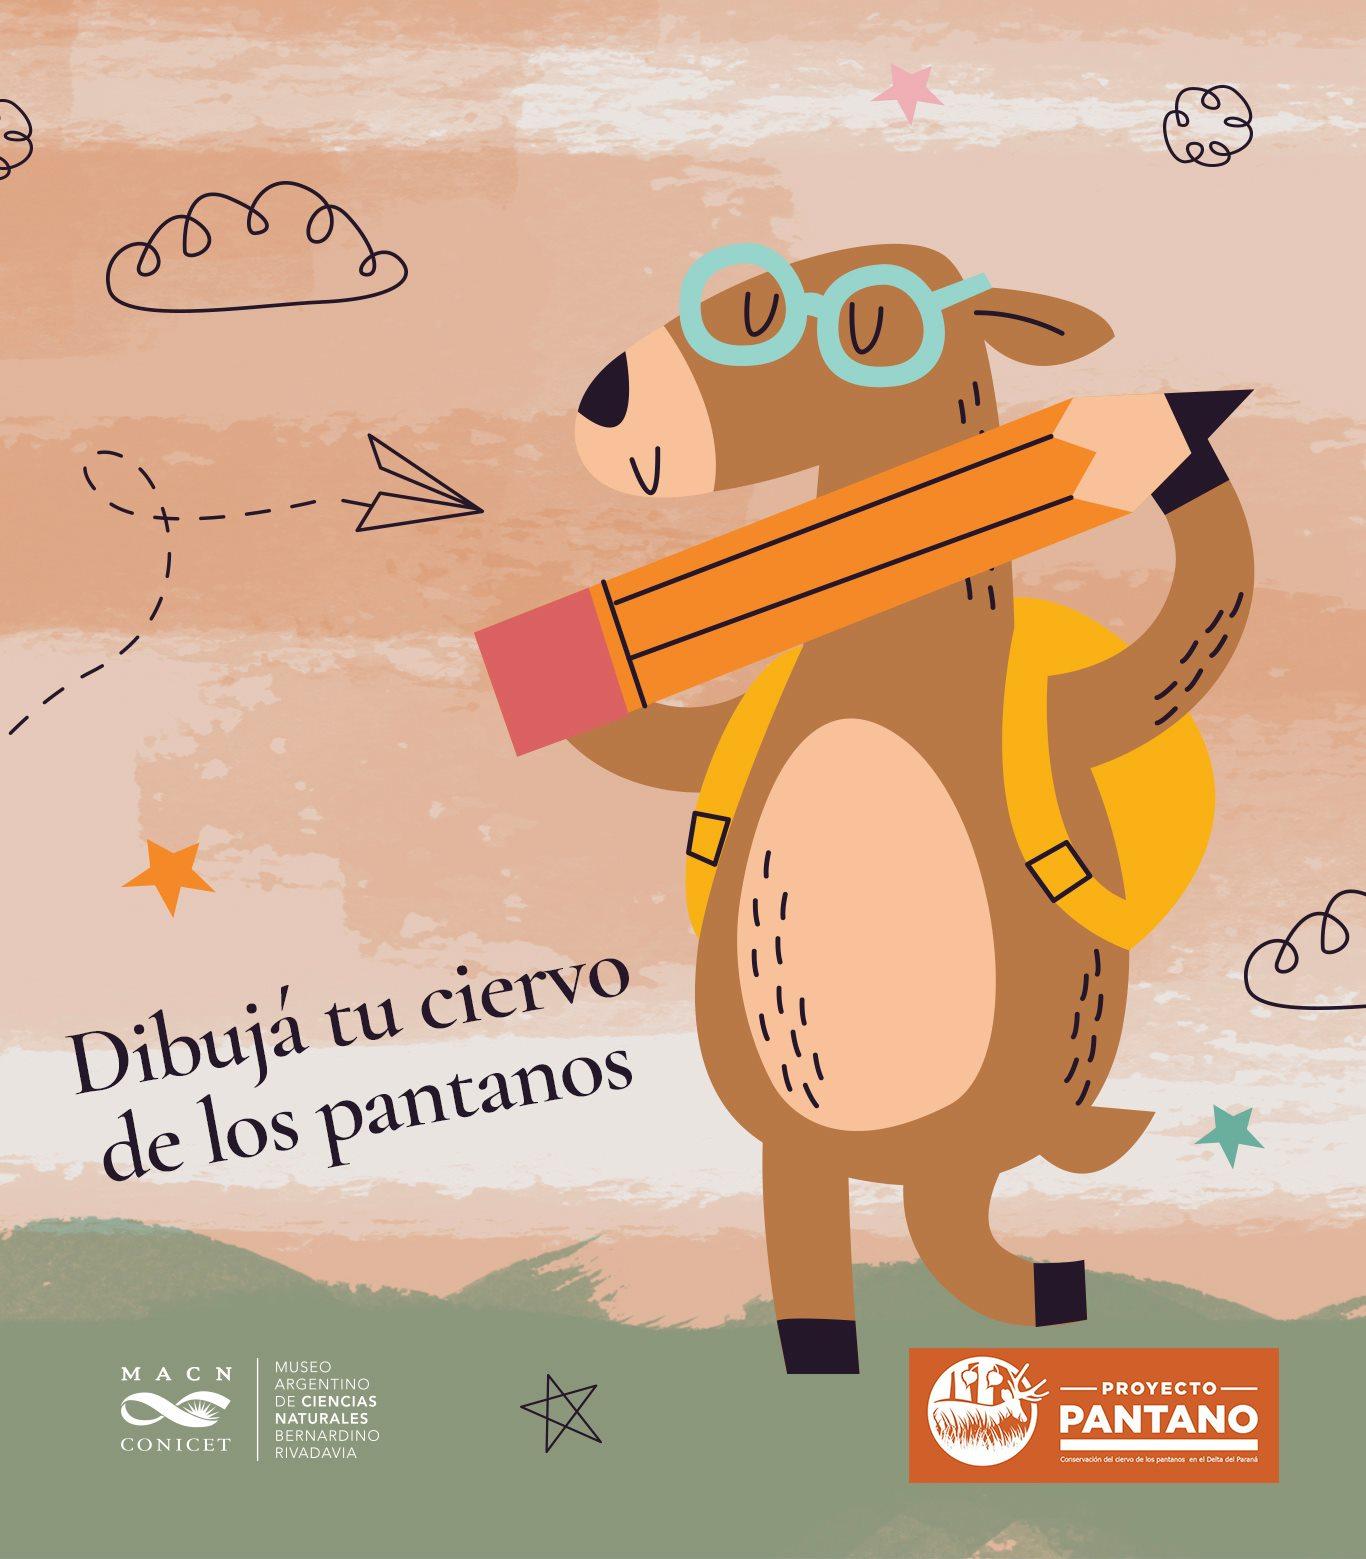 Campaña de visibilización y concientización sobre el ciervo de los pantanos